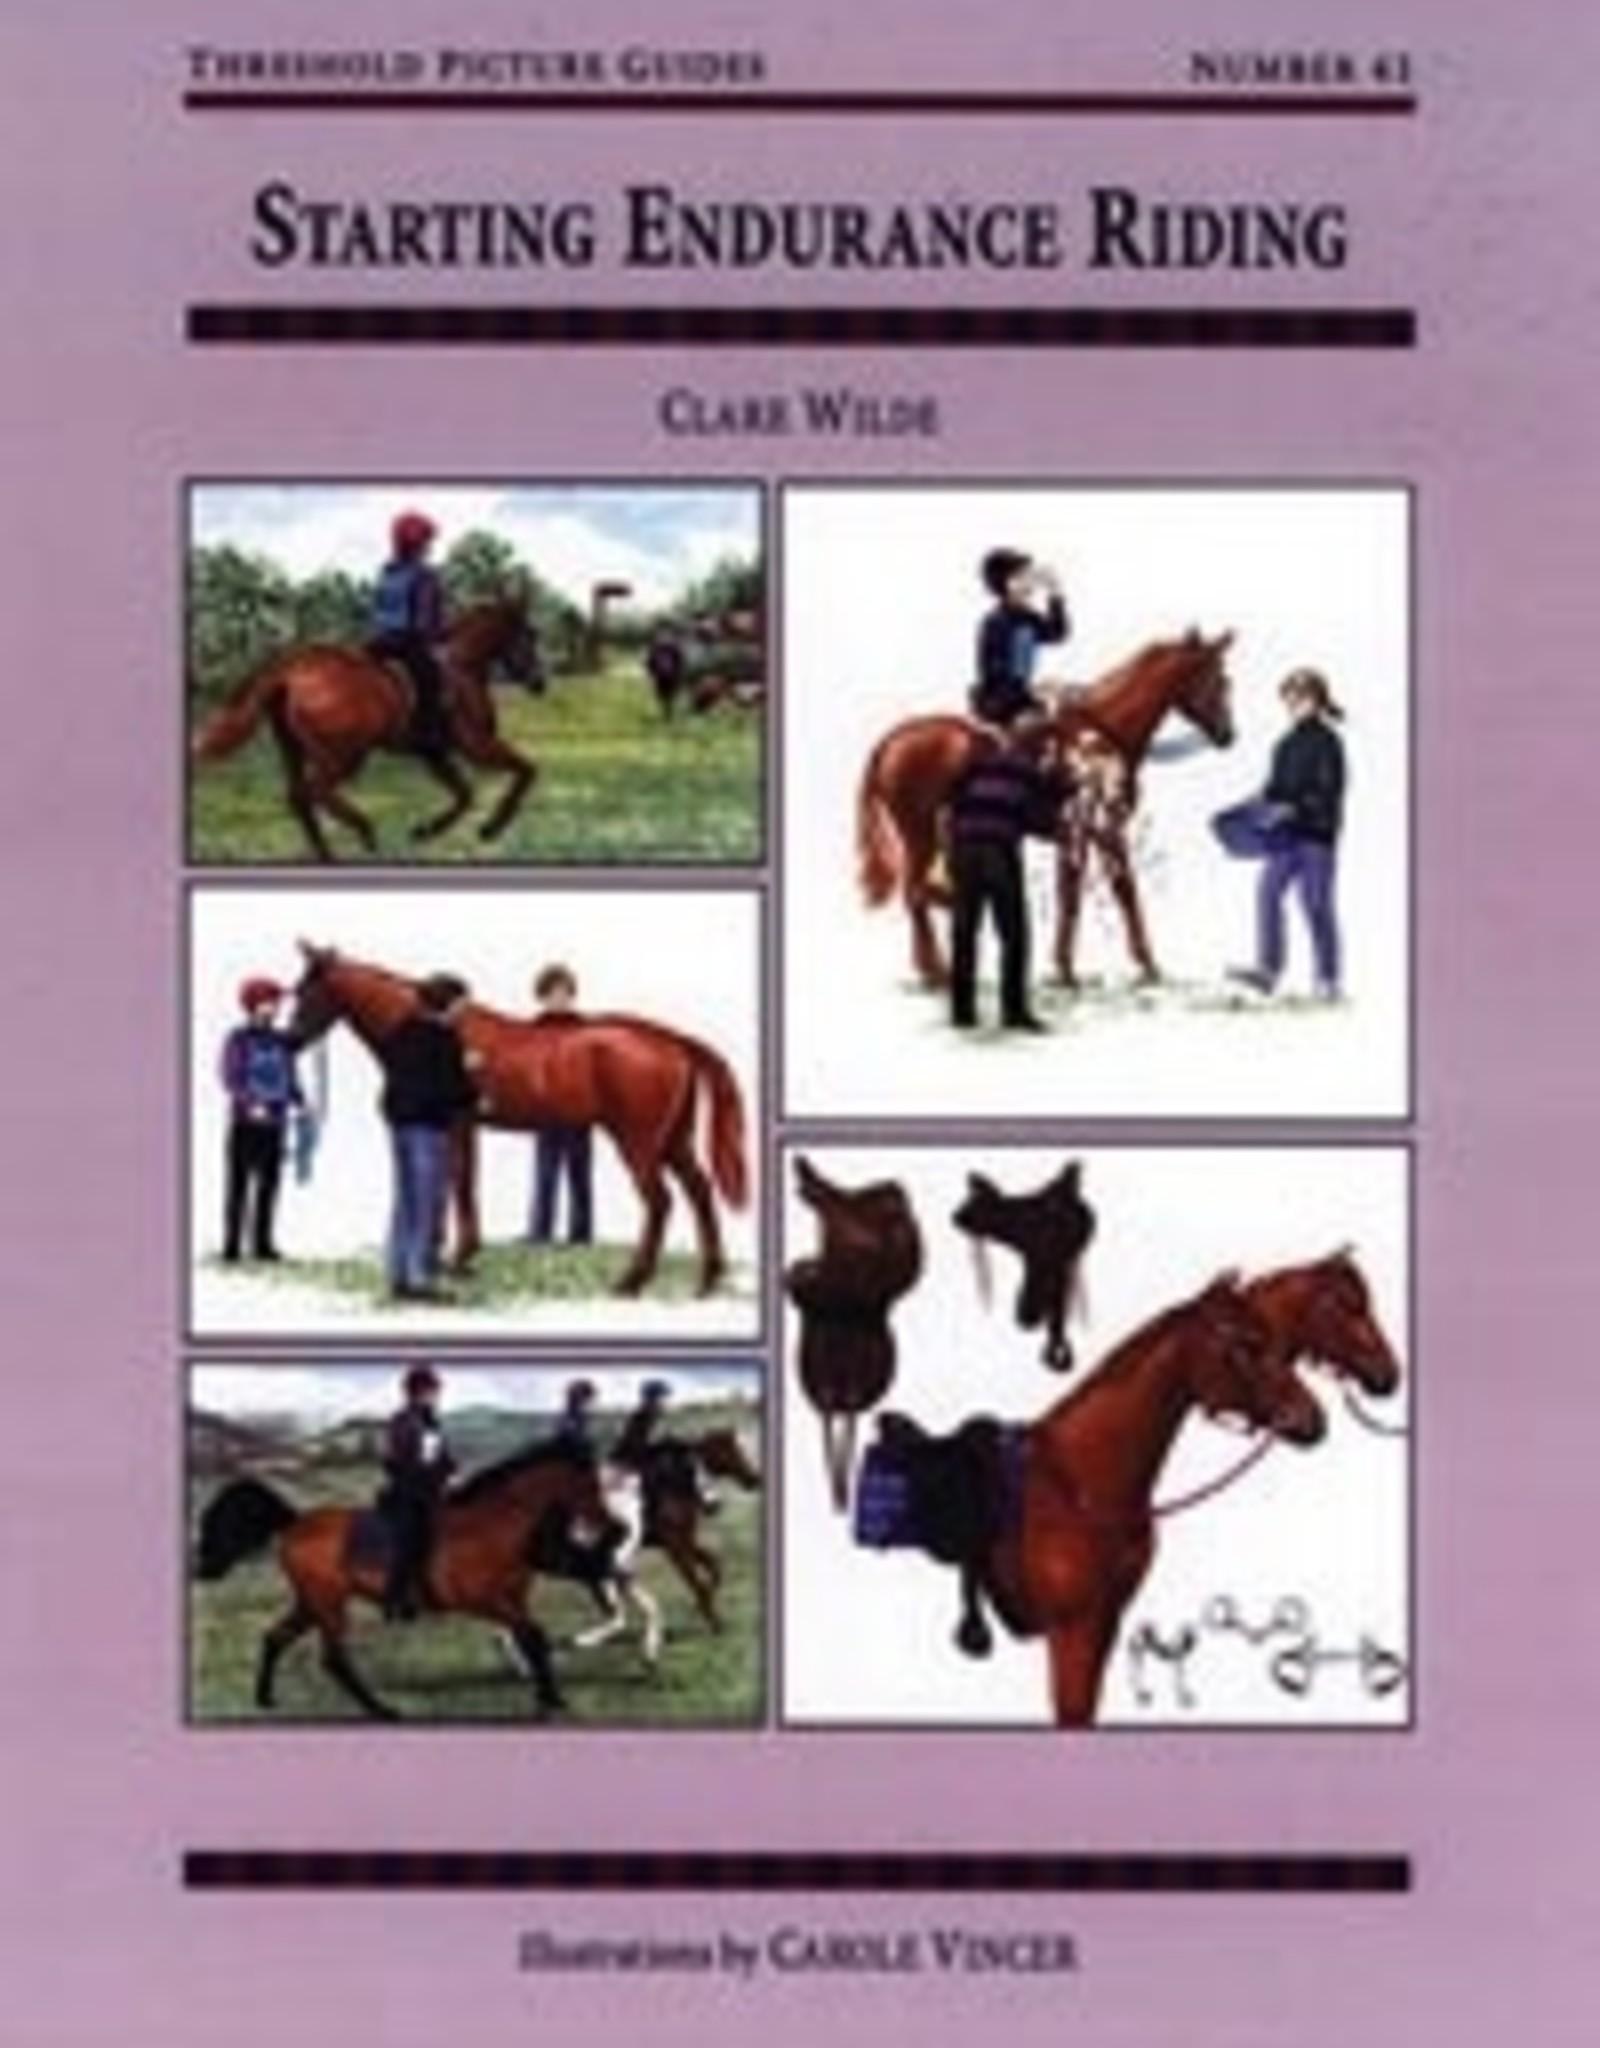 Starting Endurance Riding